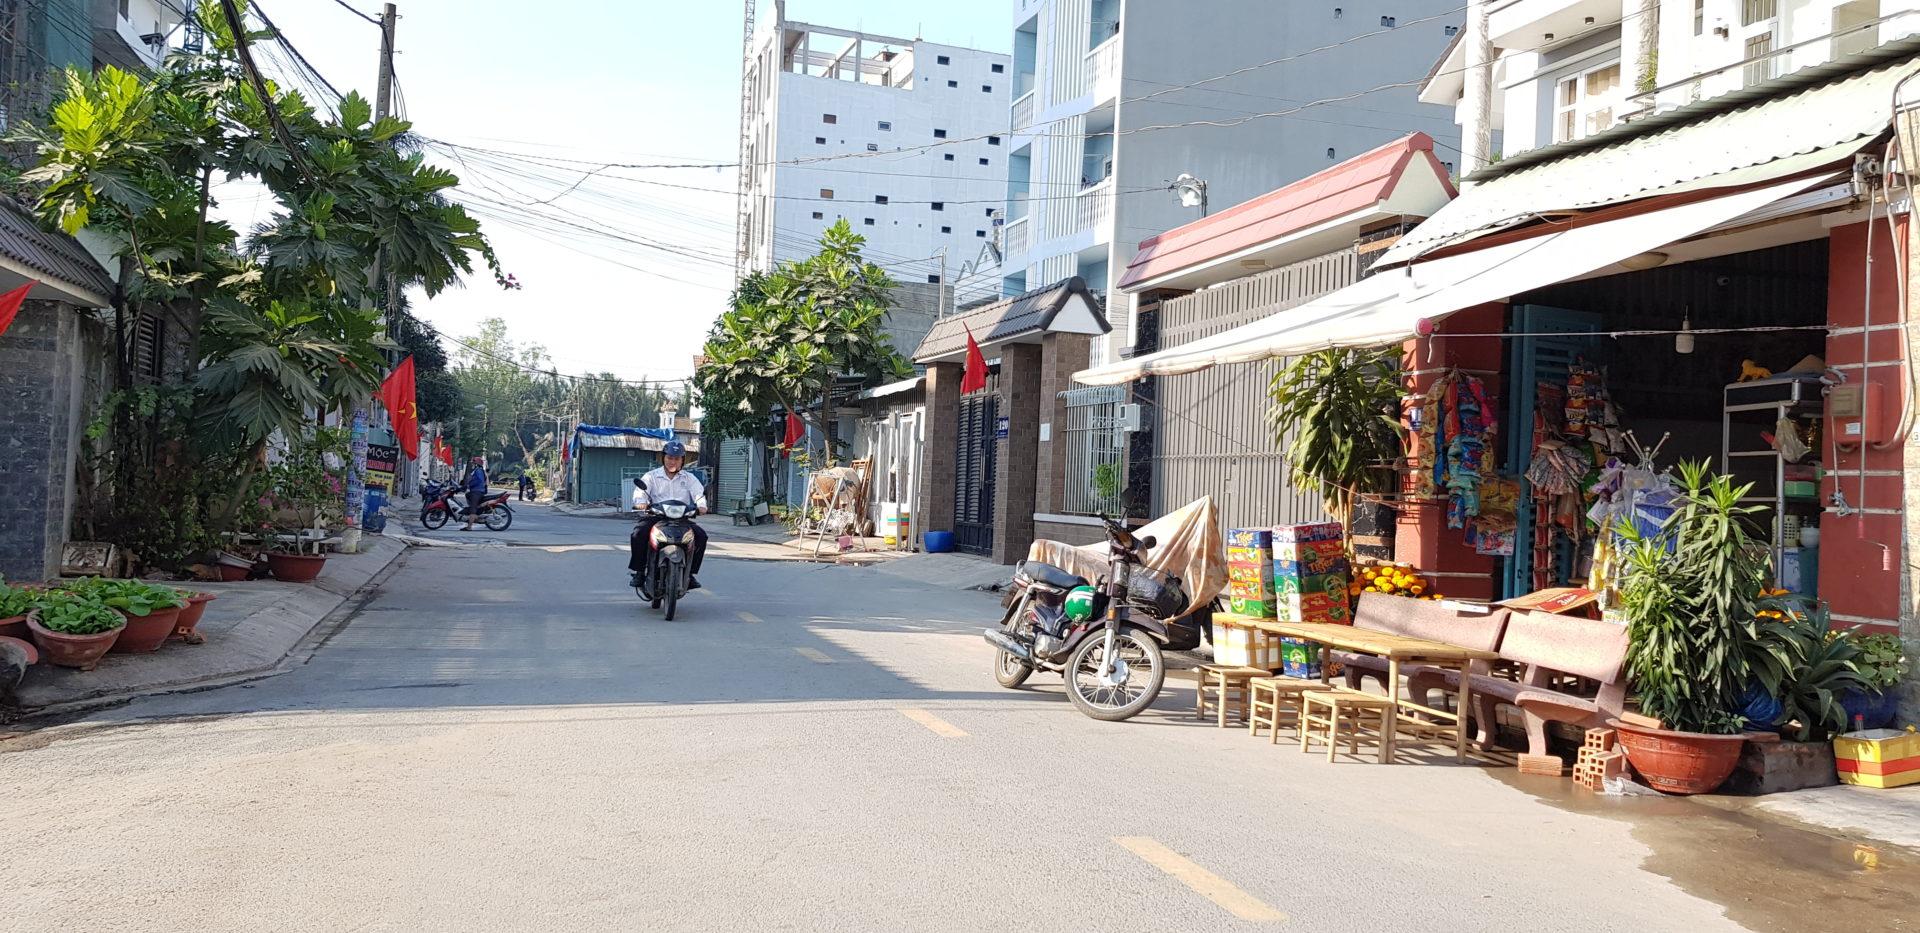 Đất Mặt Tiền Quận 9 Đường 160 Ngay Tăng Nhơn Phú A. Cách Ngã Tư Thủ Đức Chỉ 1,5km. Giá Cực Tốt 3,27 tỷ